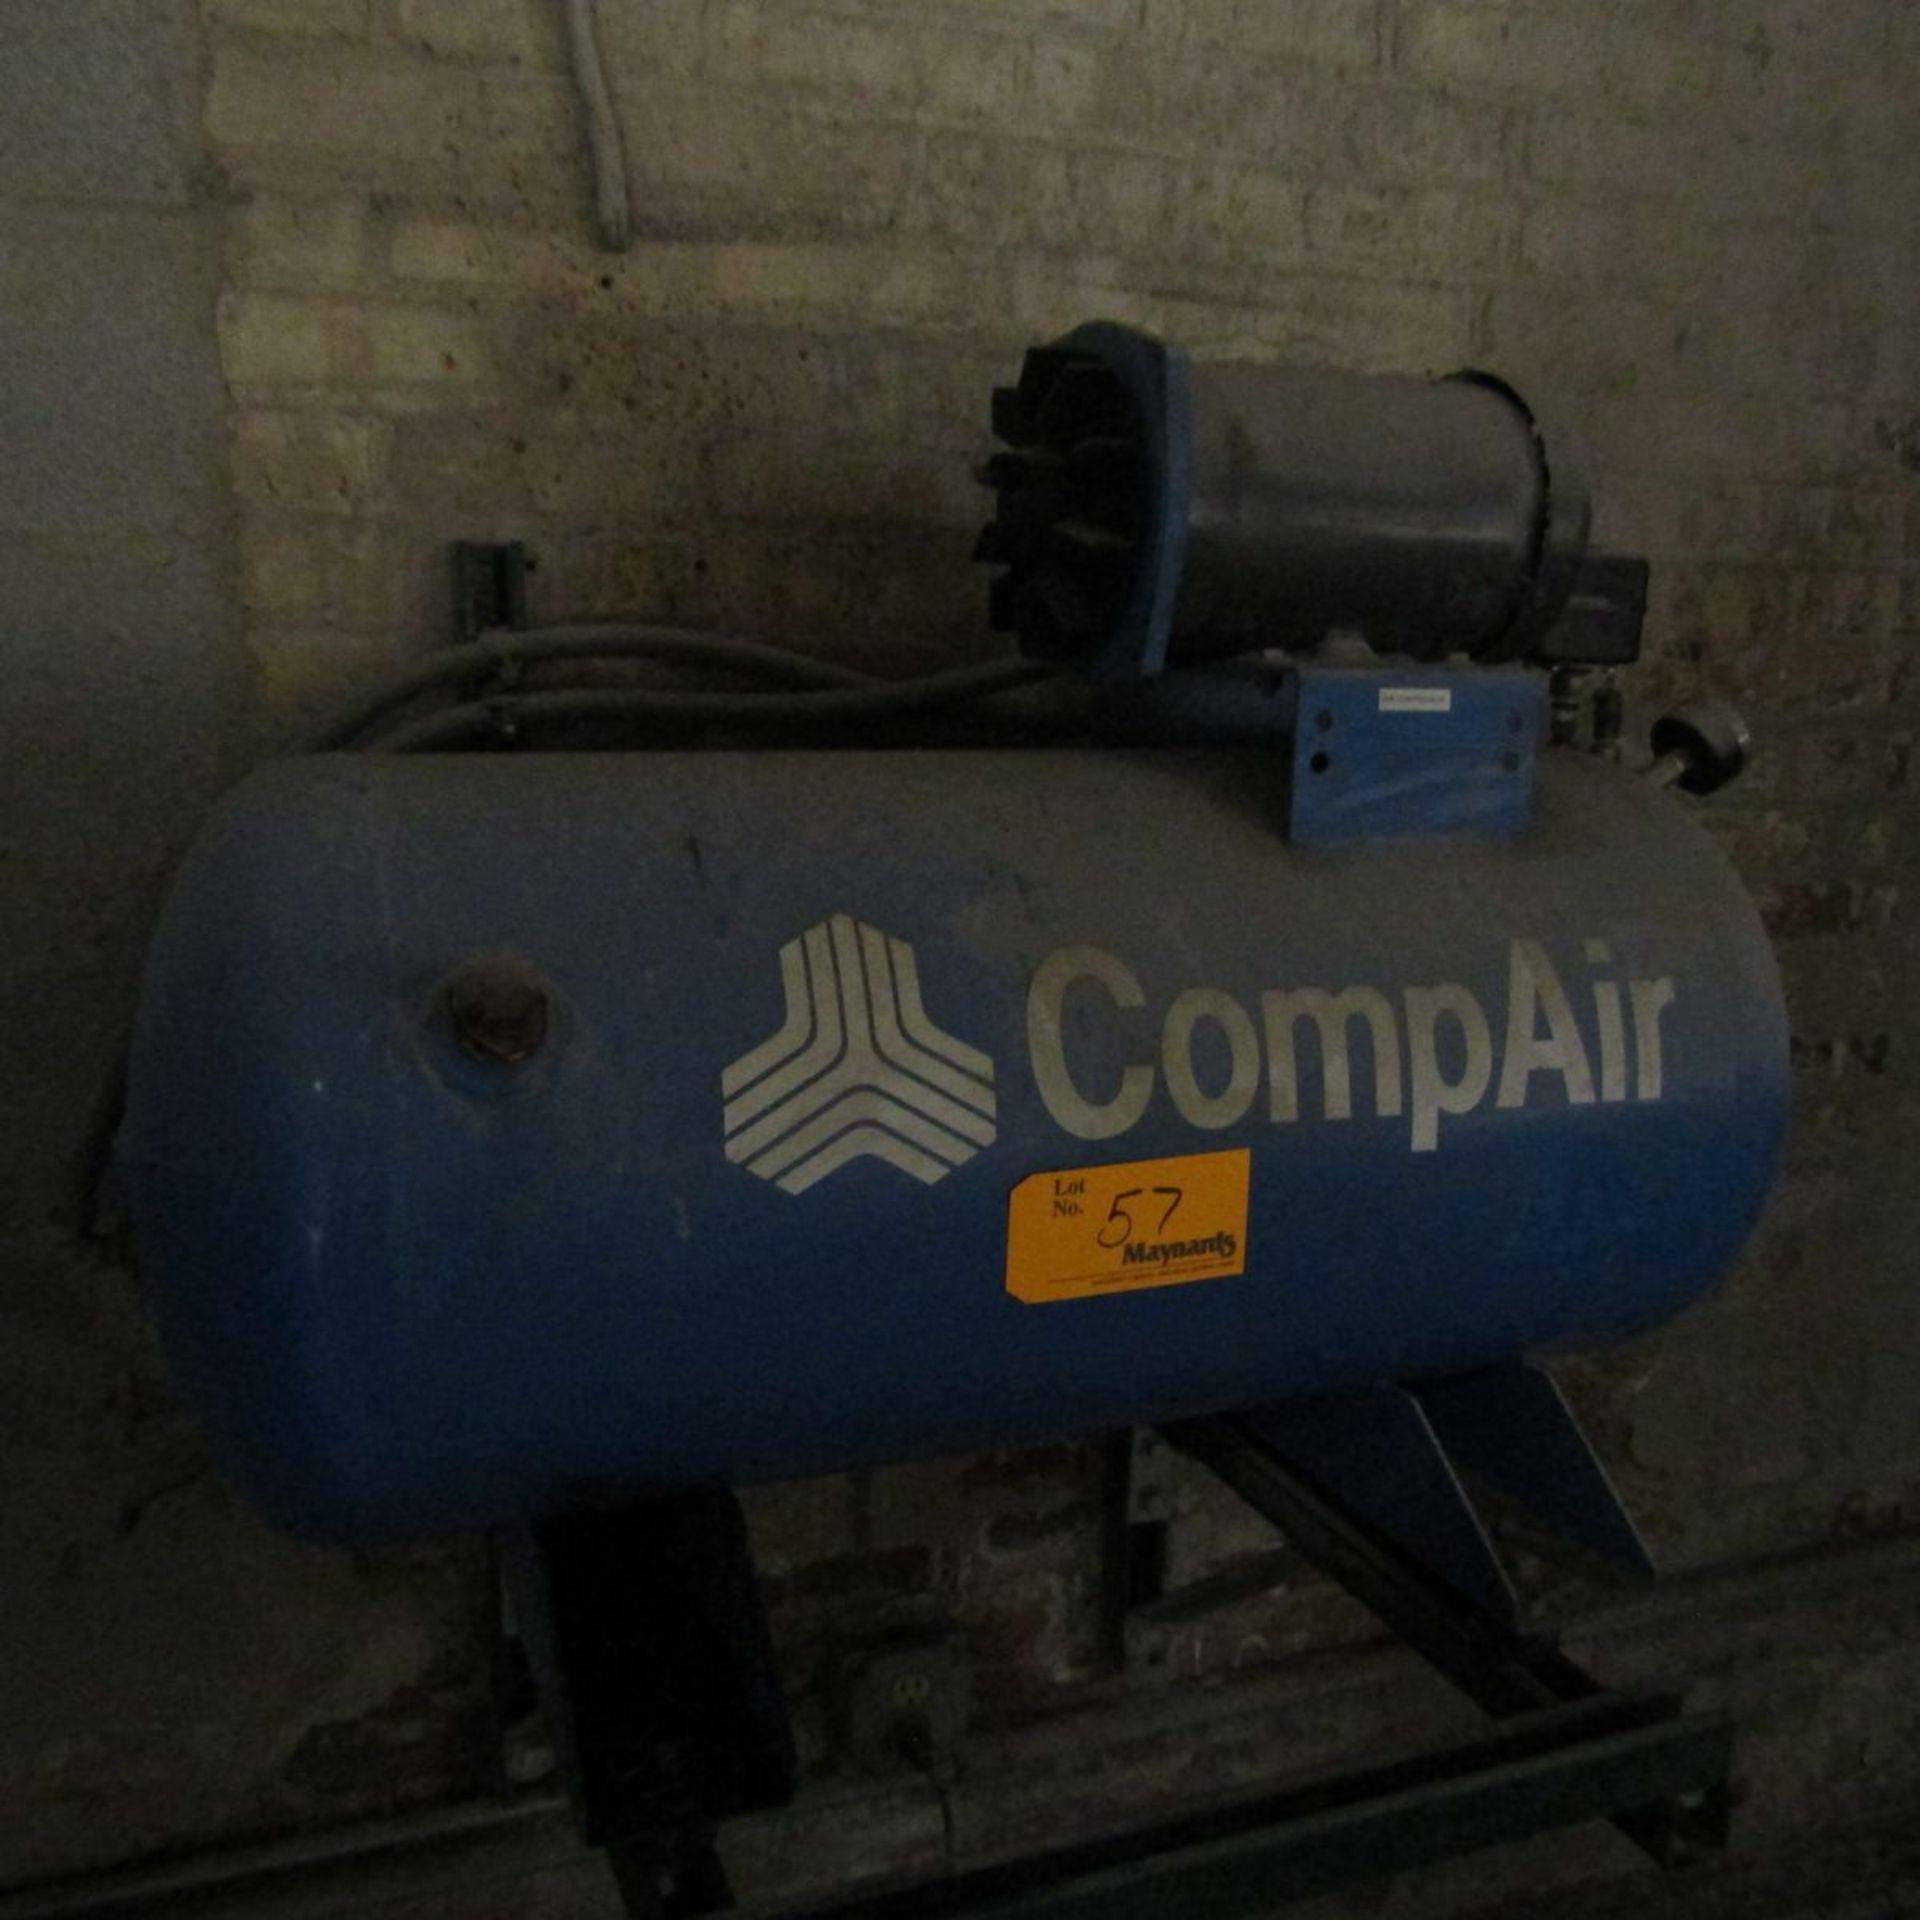 Lot 57 - Comp Air Air Compressor Tank